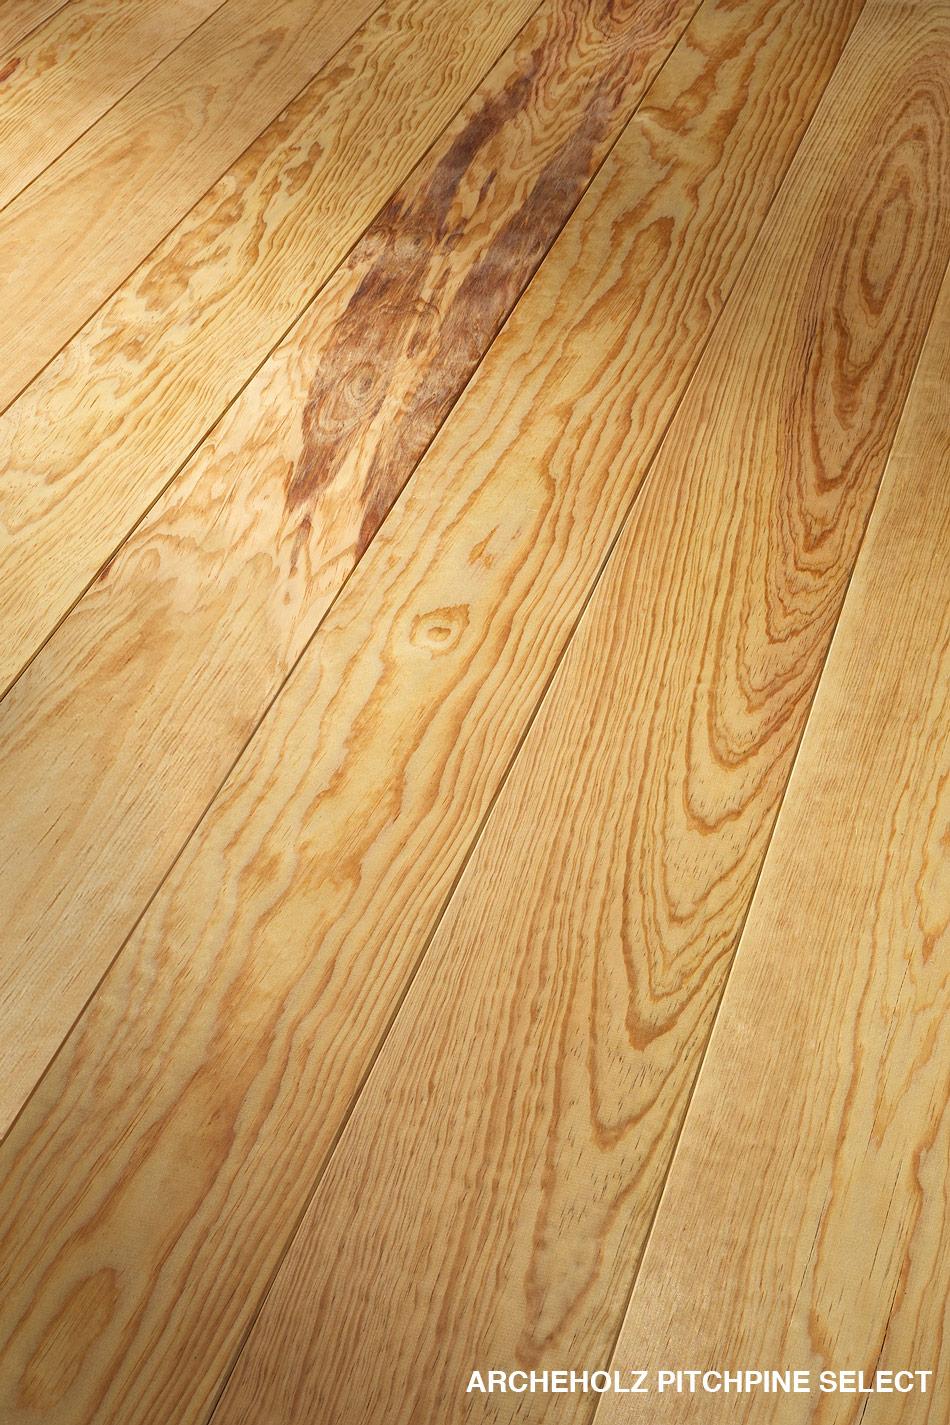 Massivholzdiele Pitchpine Select